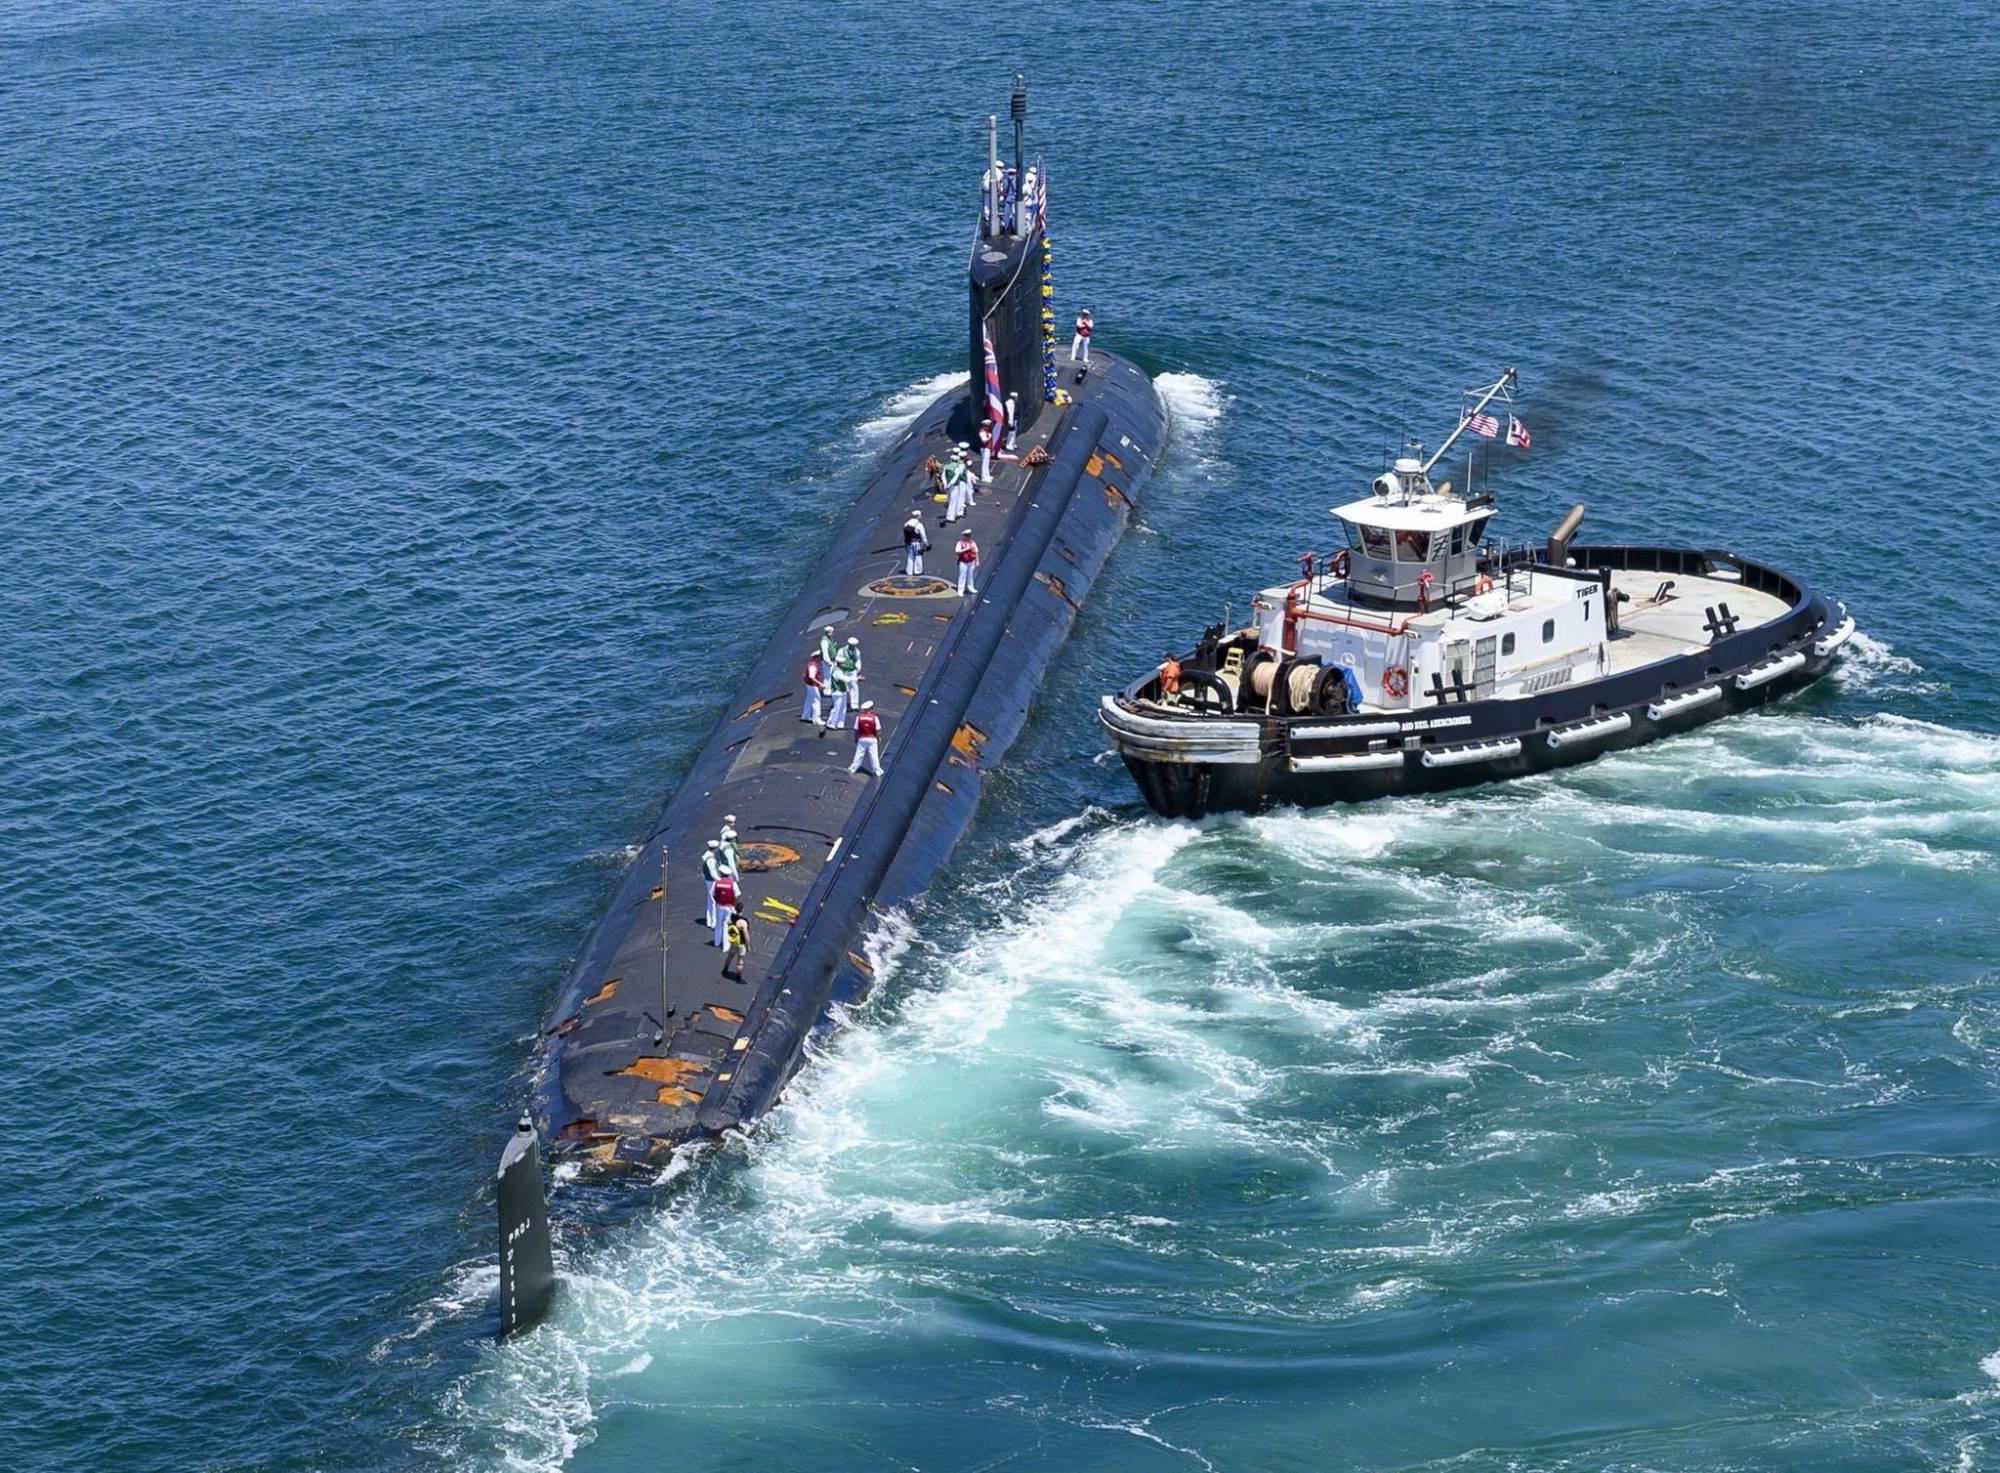 美核潜艇遭遇严峻问题!美国人:中国表现让人敬畏,新技术被证实